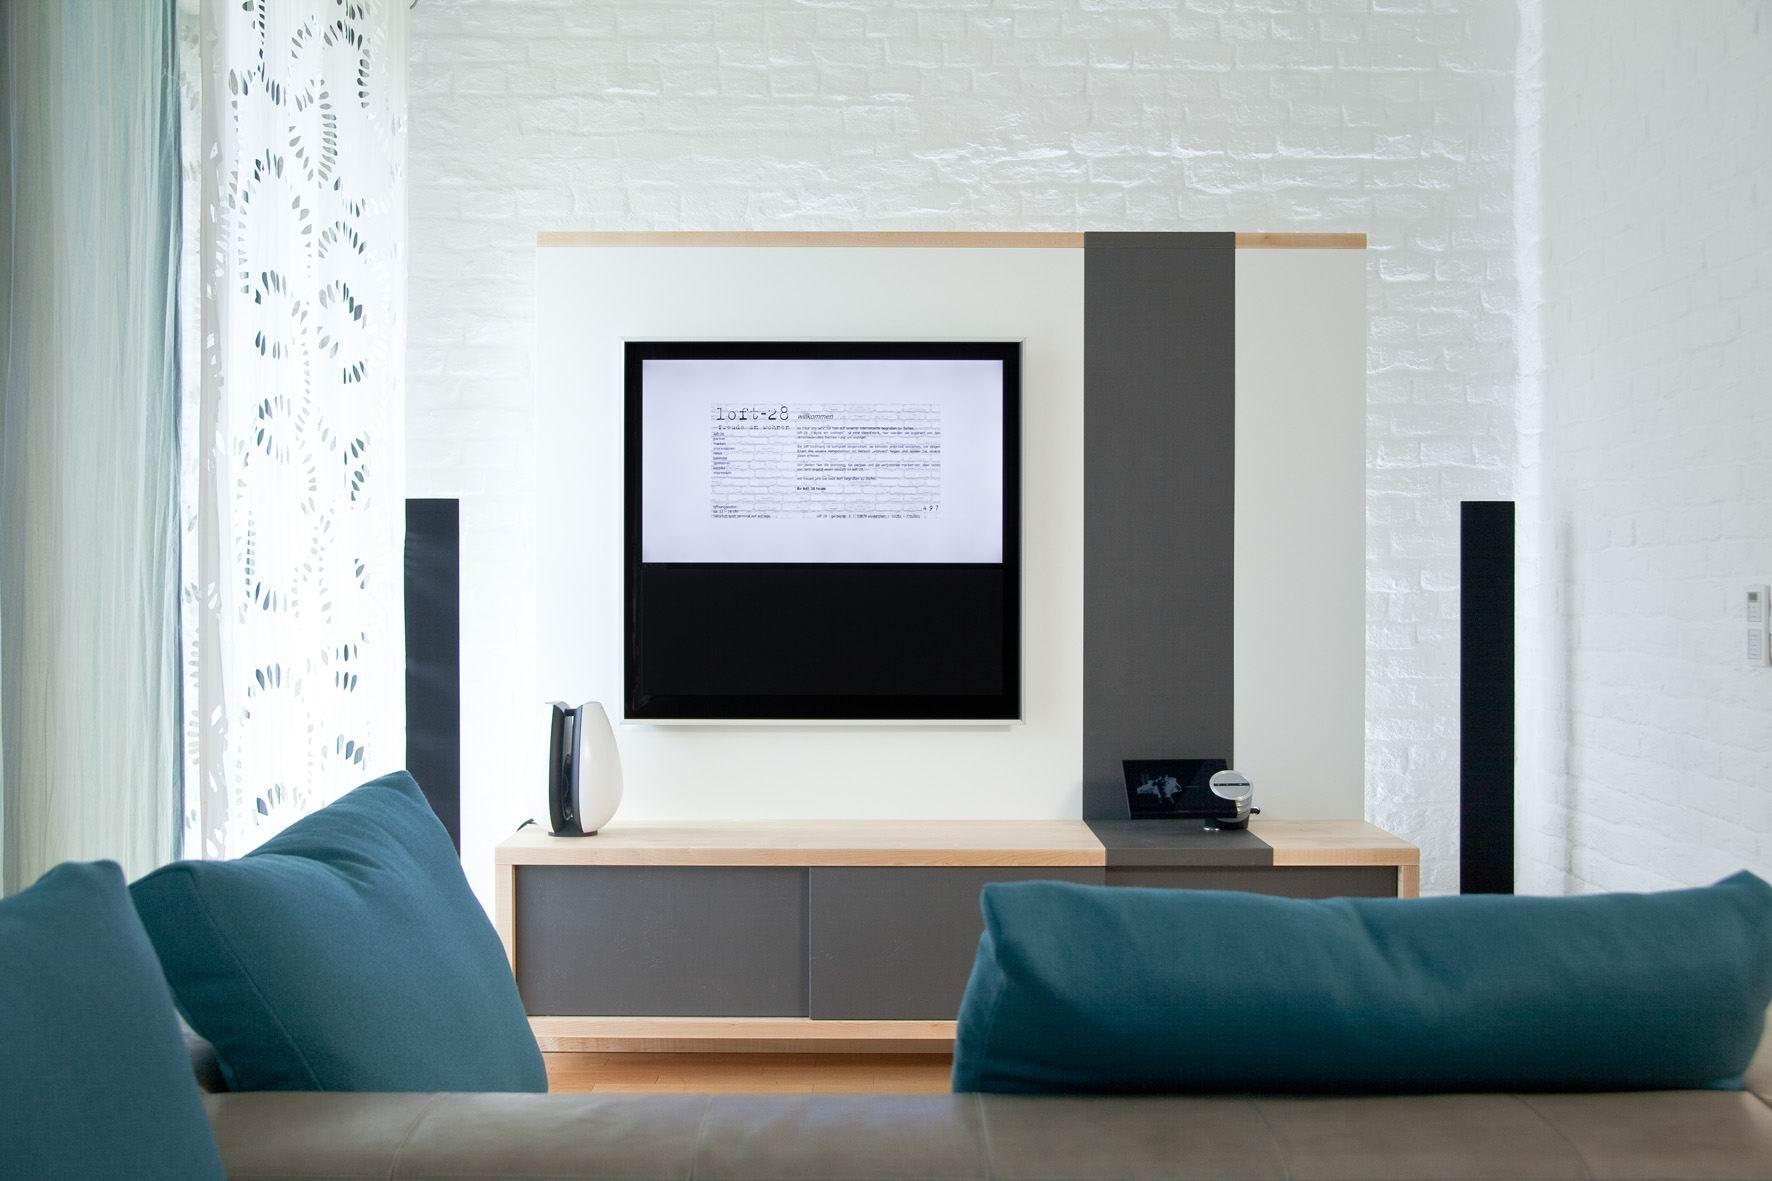 Loft 28 Wohnzimmer TV Wand #kissen #loft #tvmöbel #f...